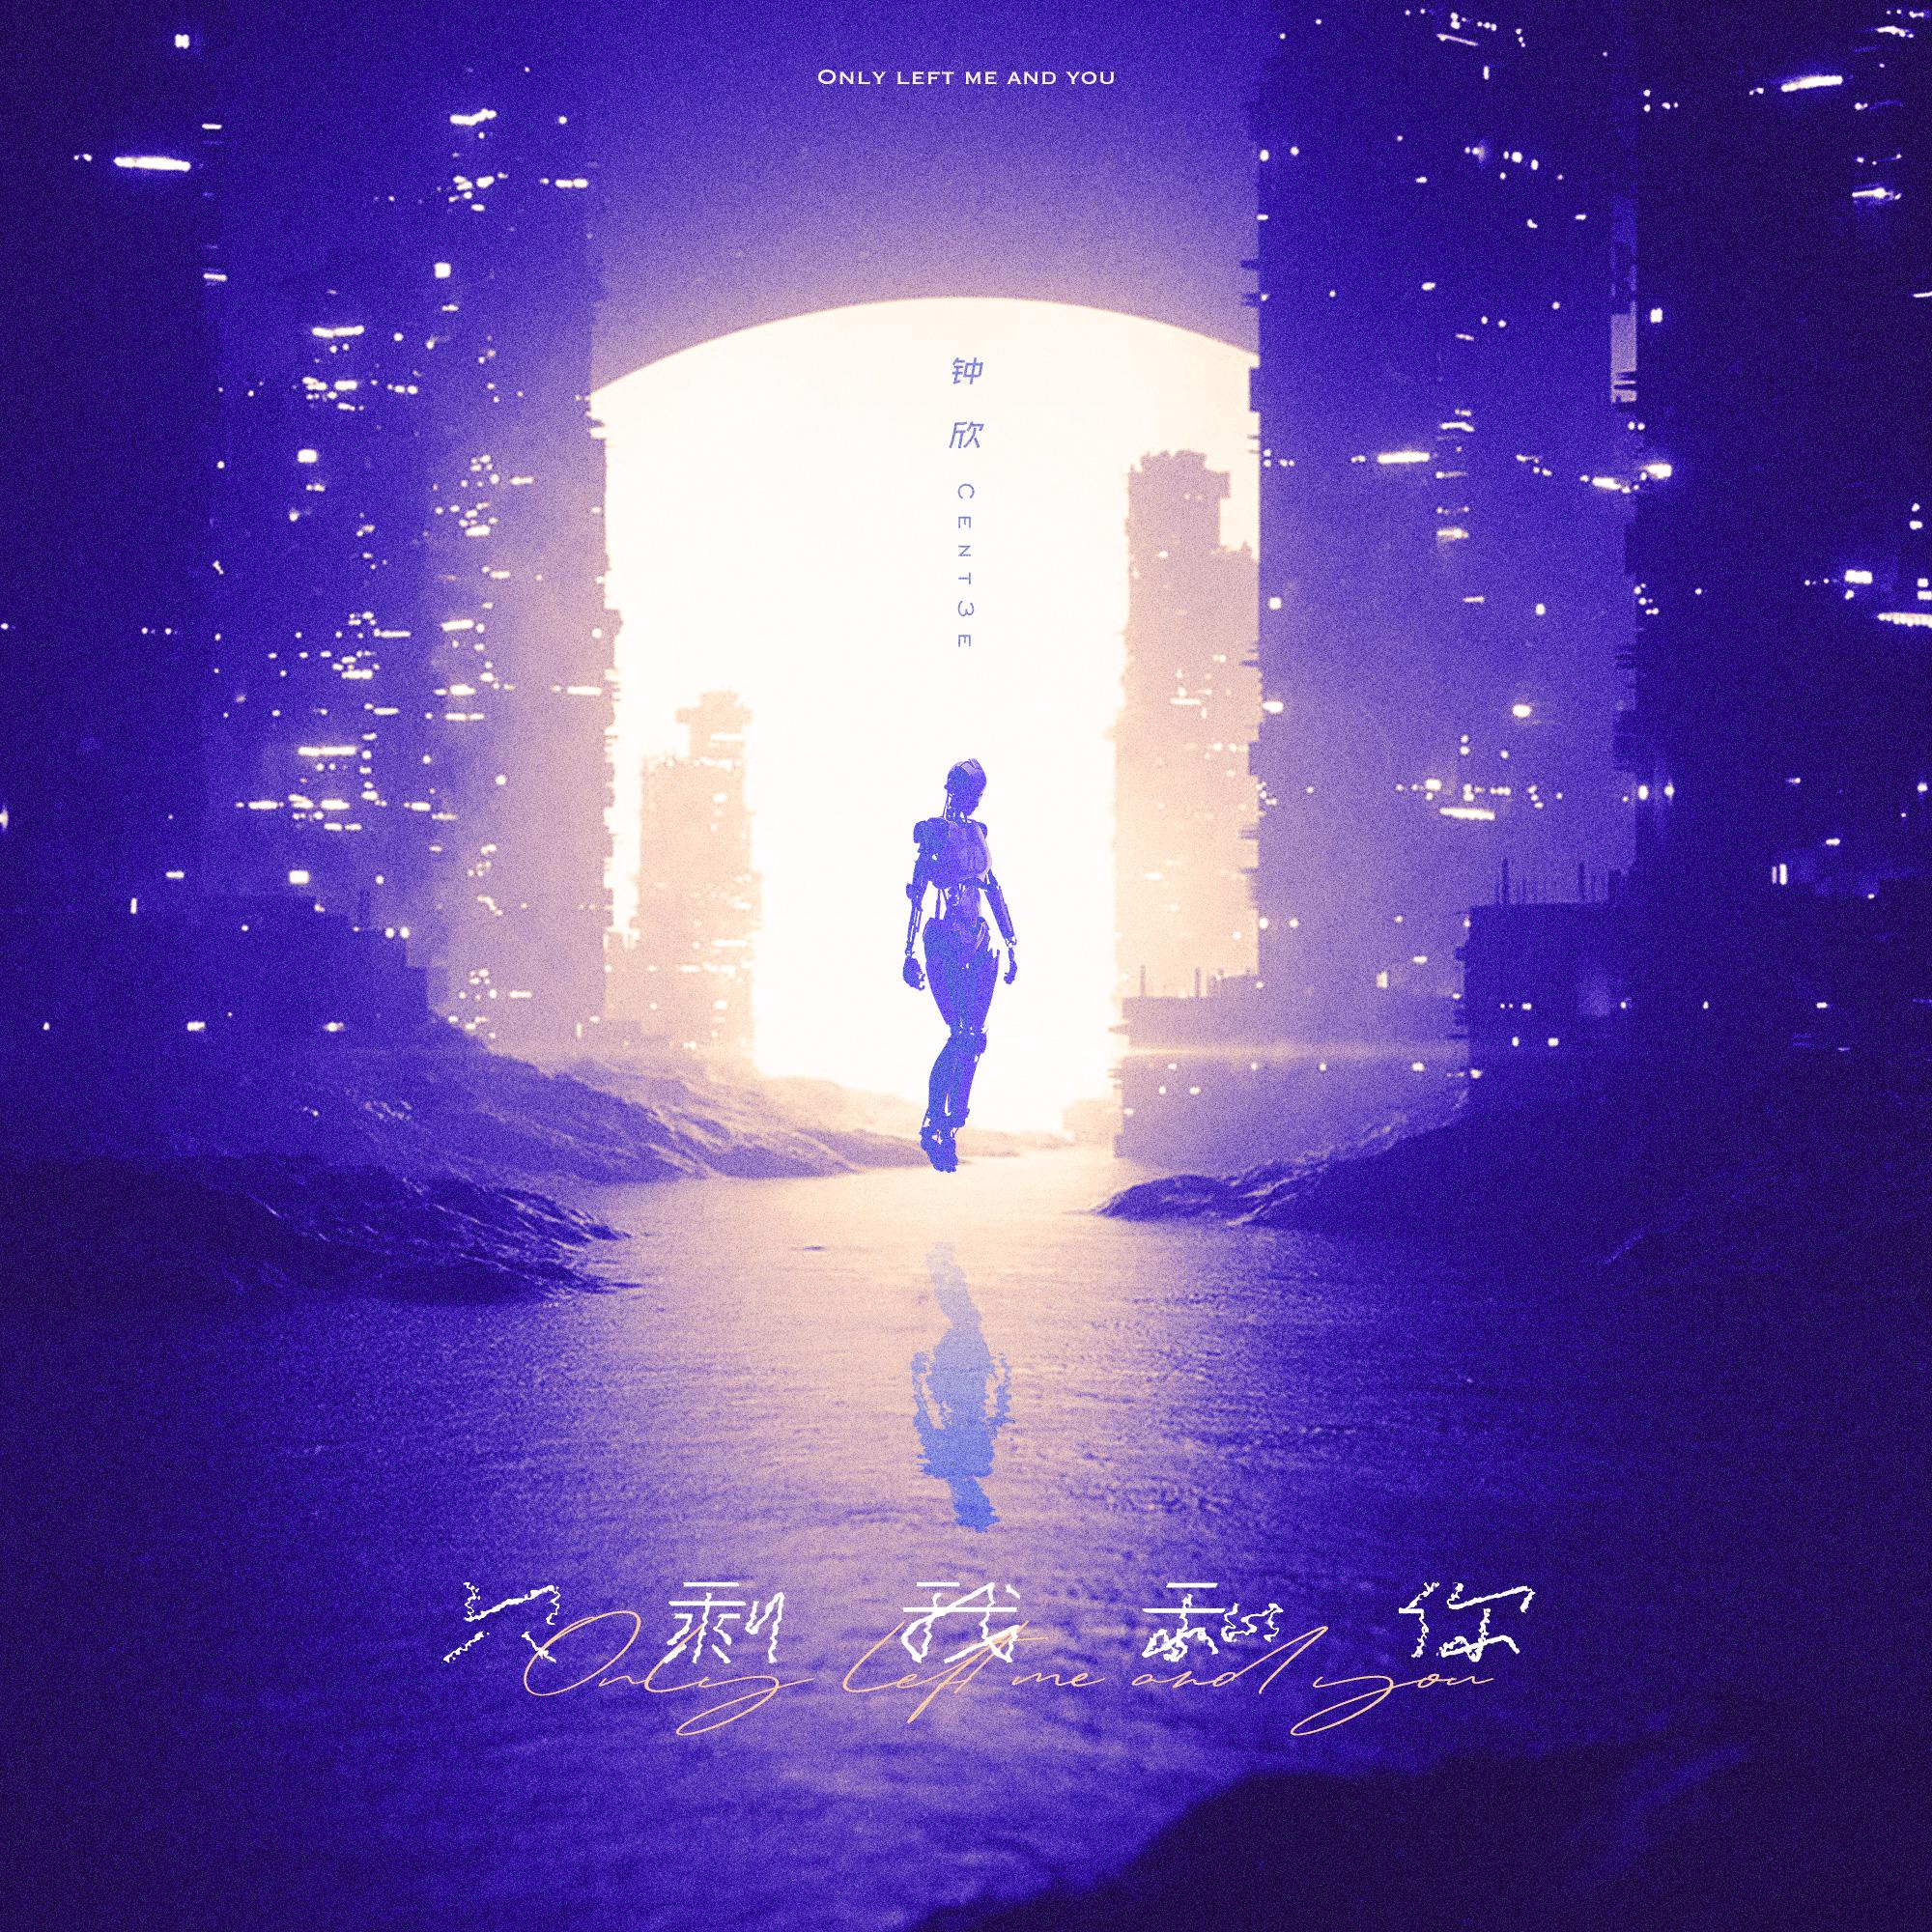 钟欣cent3e《只剩我和你》_單曲封面